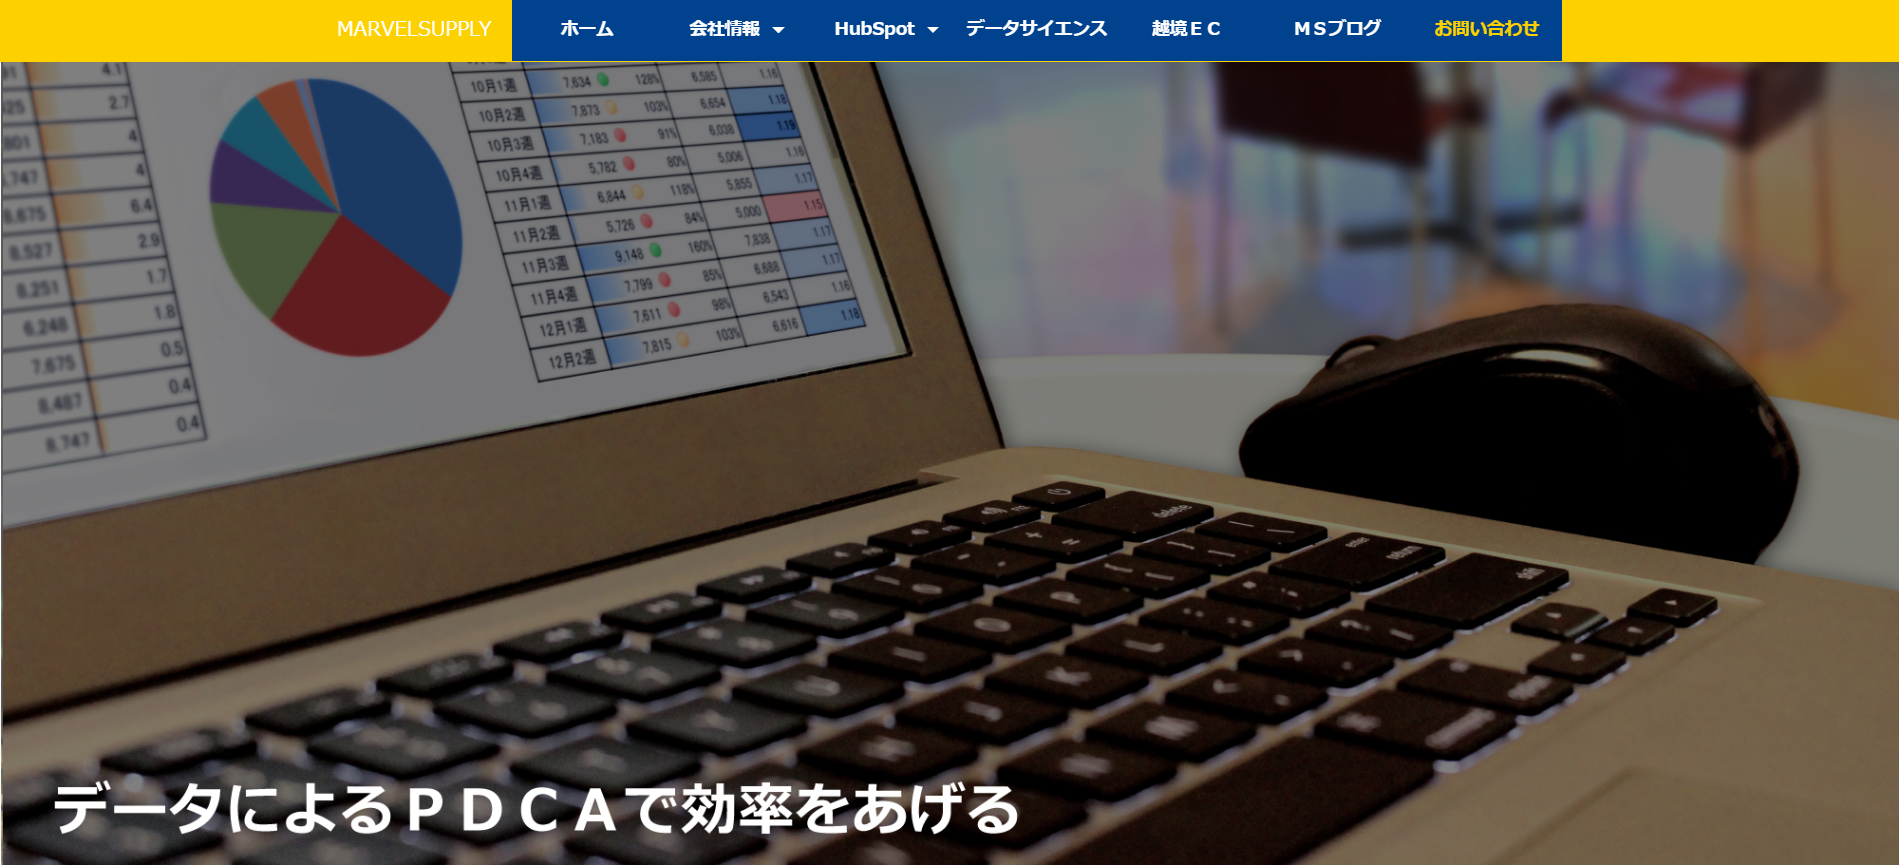 越境(海外)ECサイト制作会社の有限会社マーベルサプライ